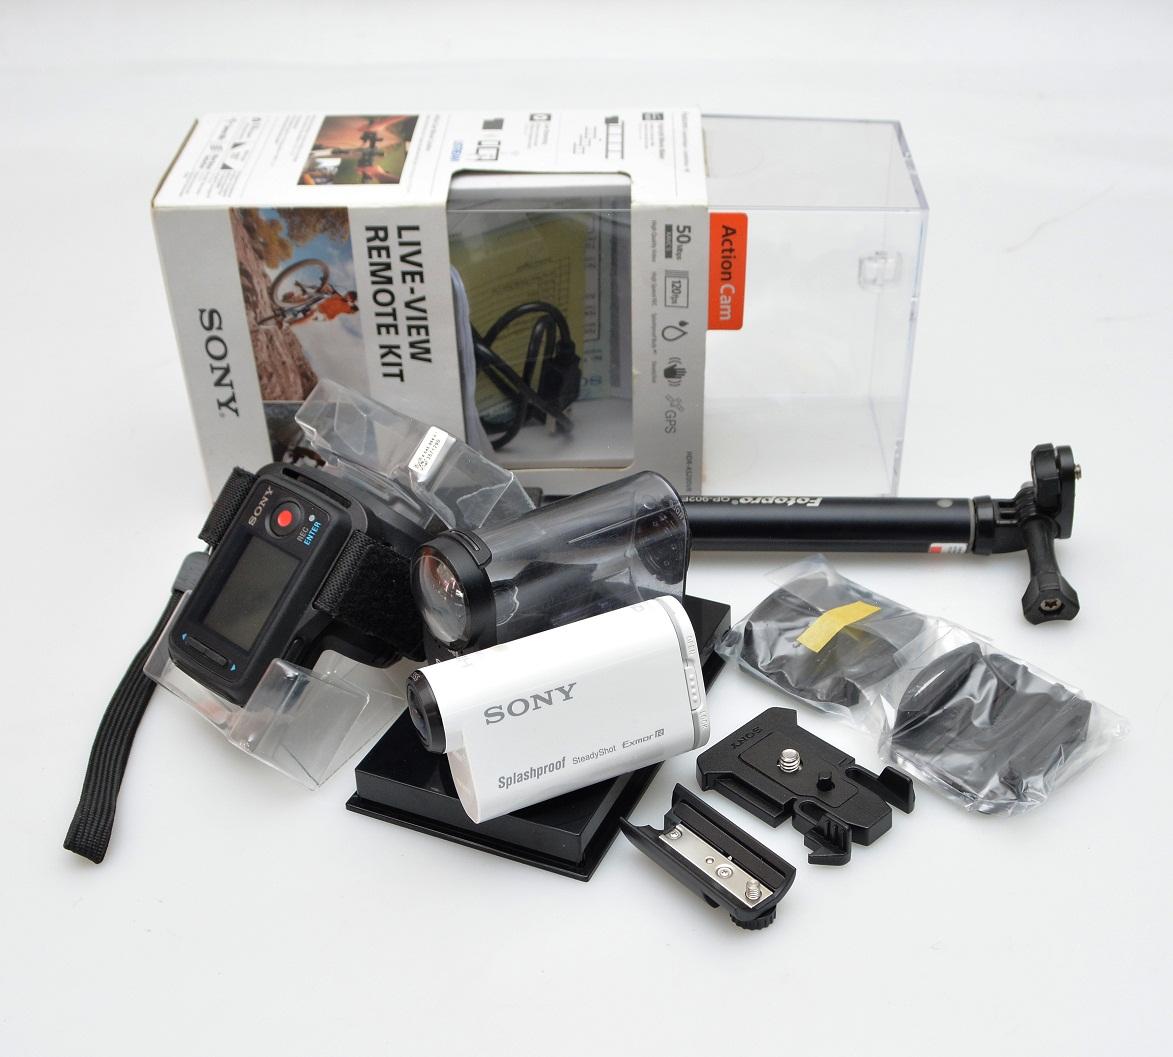 jual action kamera sony hdr as200v bekas jual beli. Black Bedroom Furniture Sets. Home Design Ideas